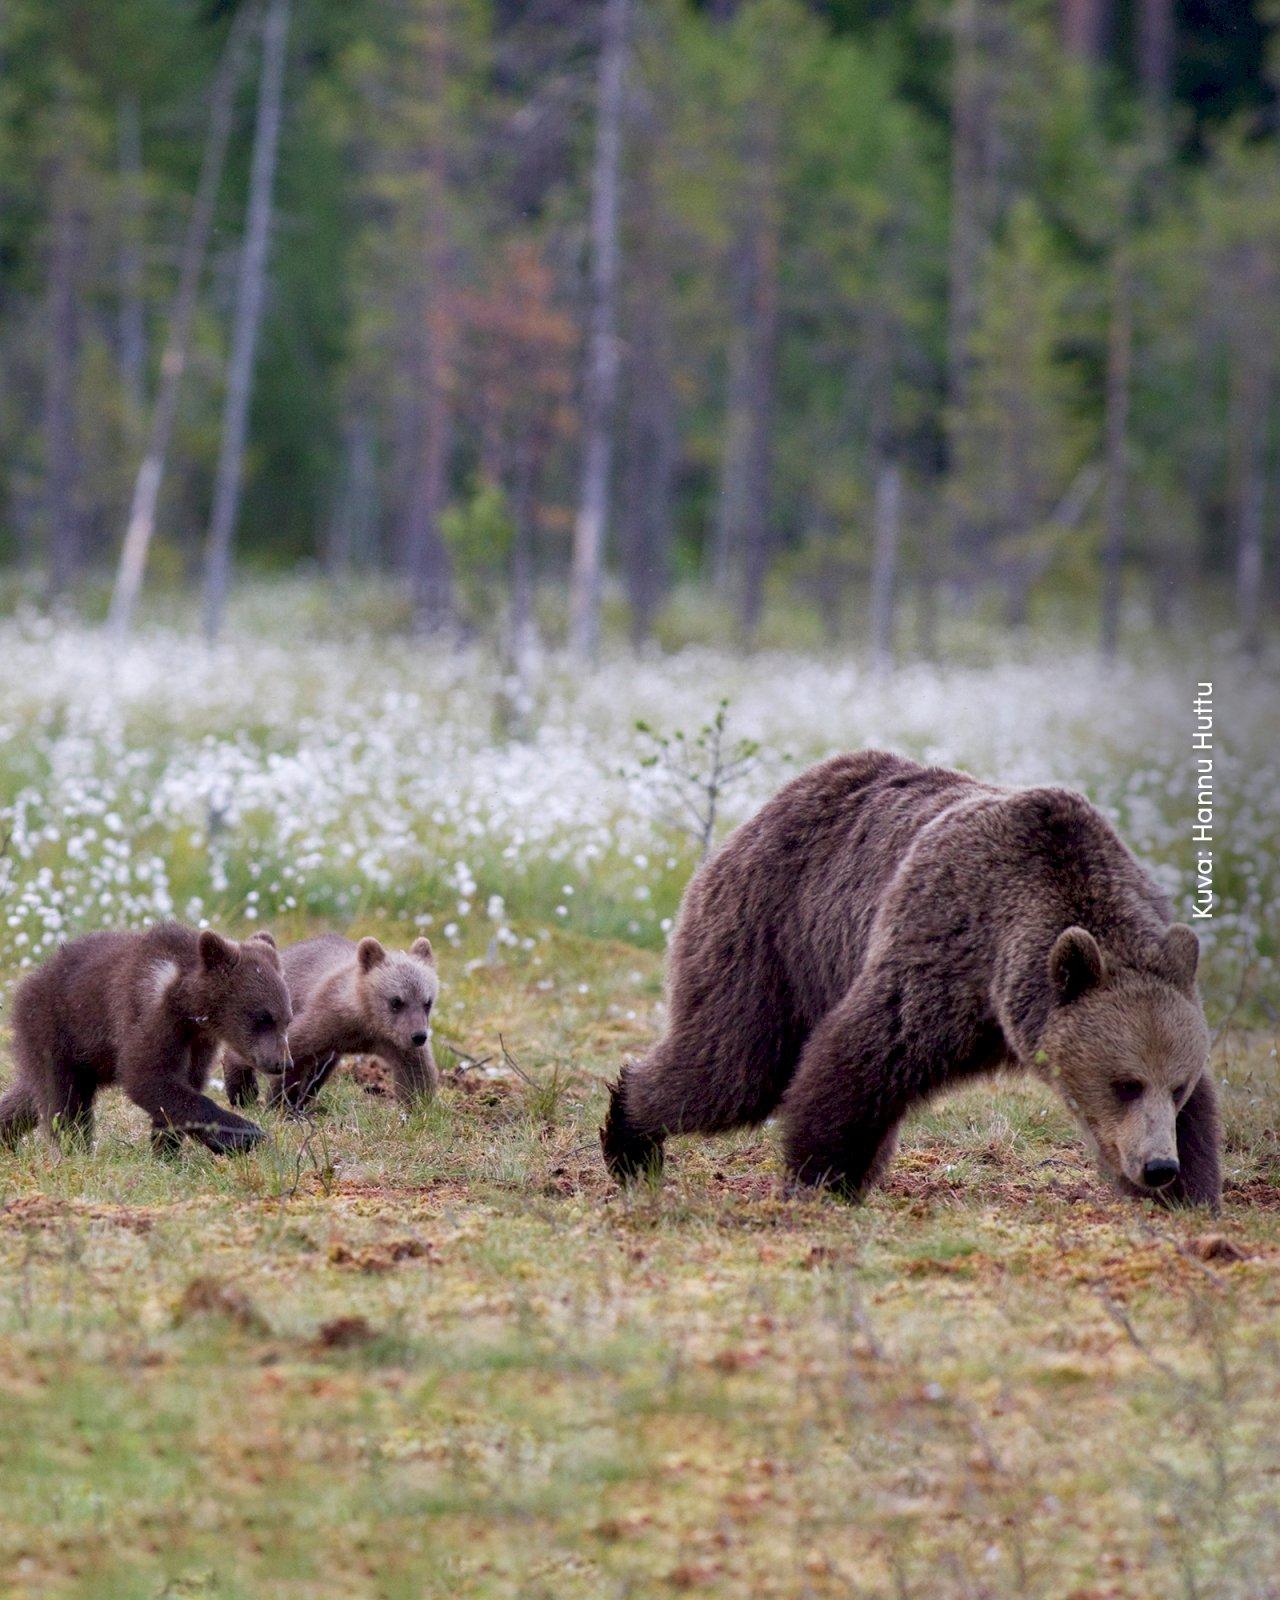 Karhuemo neljän poikasen kanssa Kainuun metsässä.